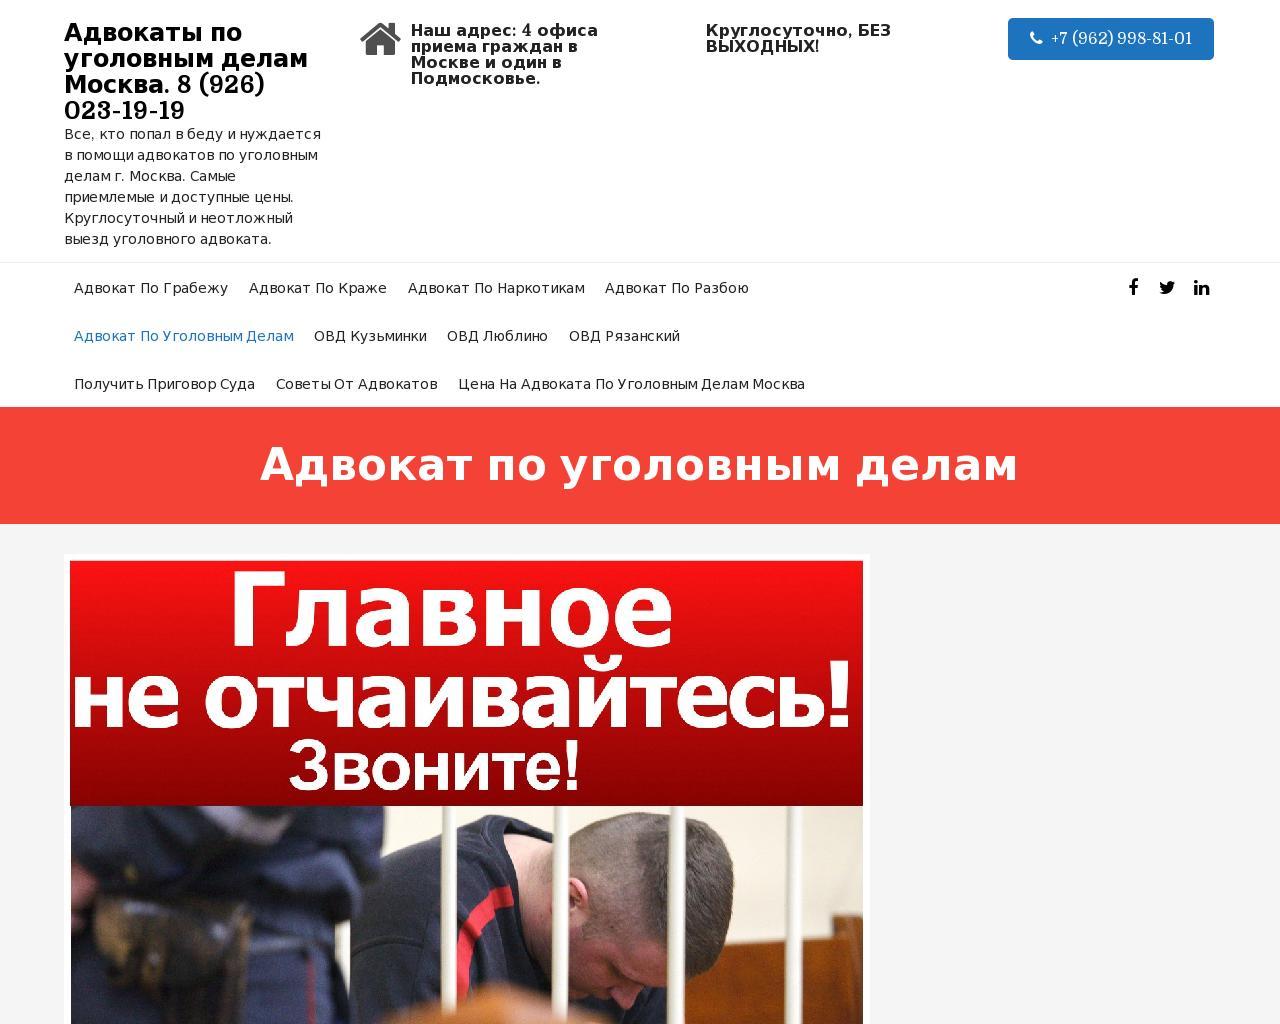 самый лучший адвокат по уголовным делам москва